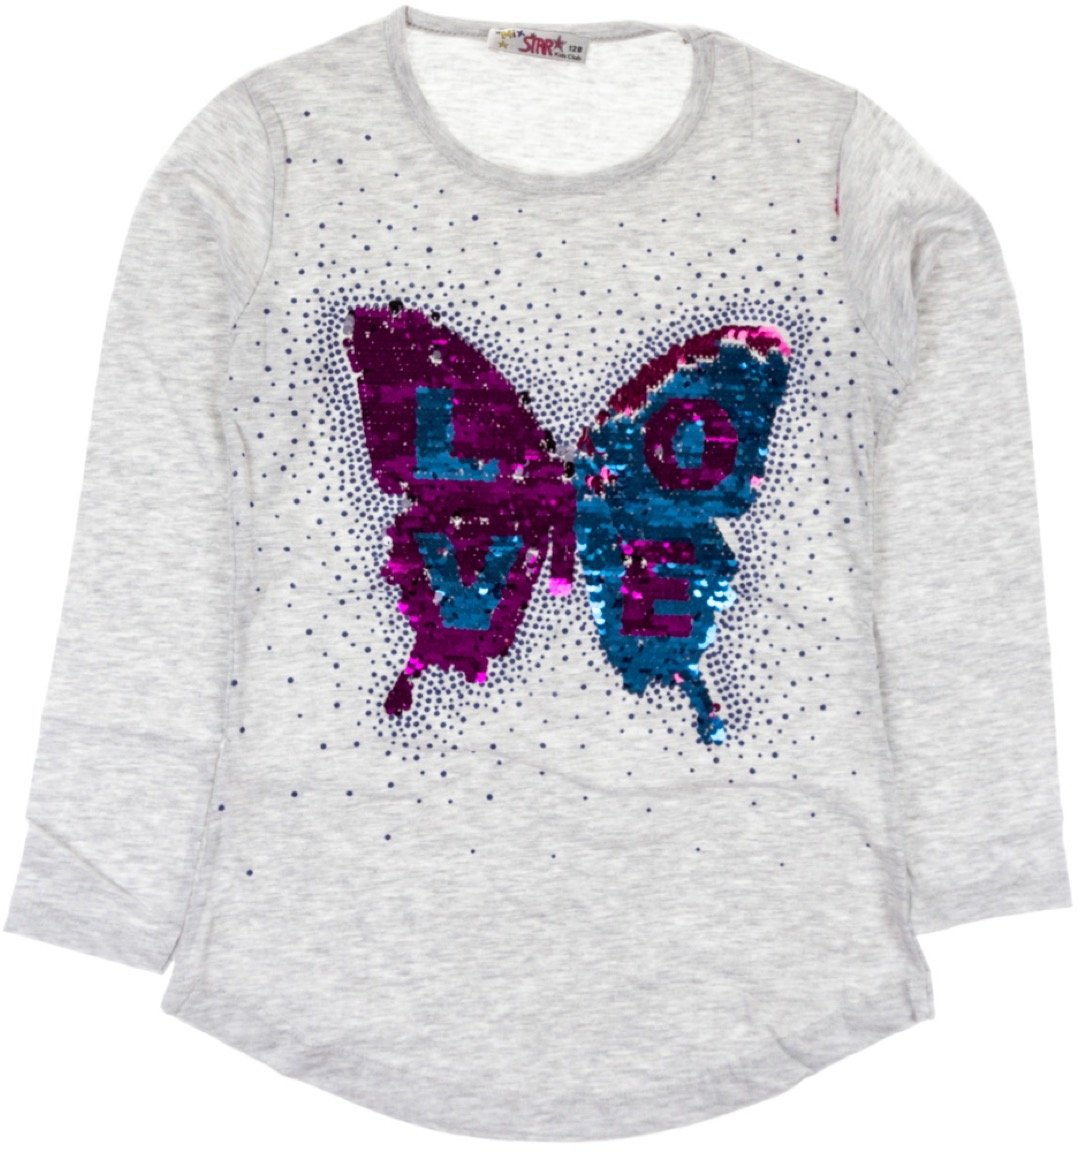 Mix Star παιδική εποχιακή μπλούζα «Butterfly's Love»